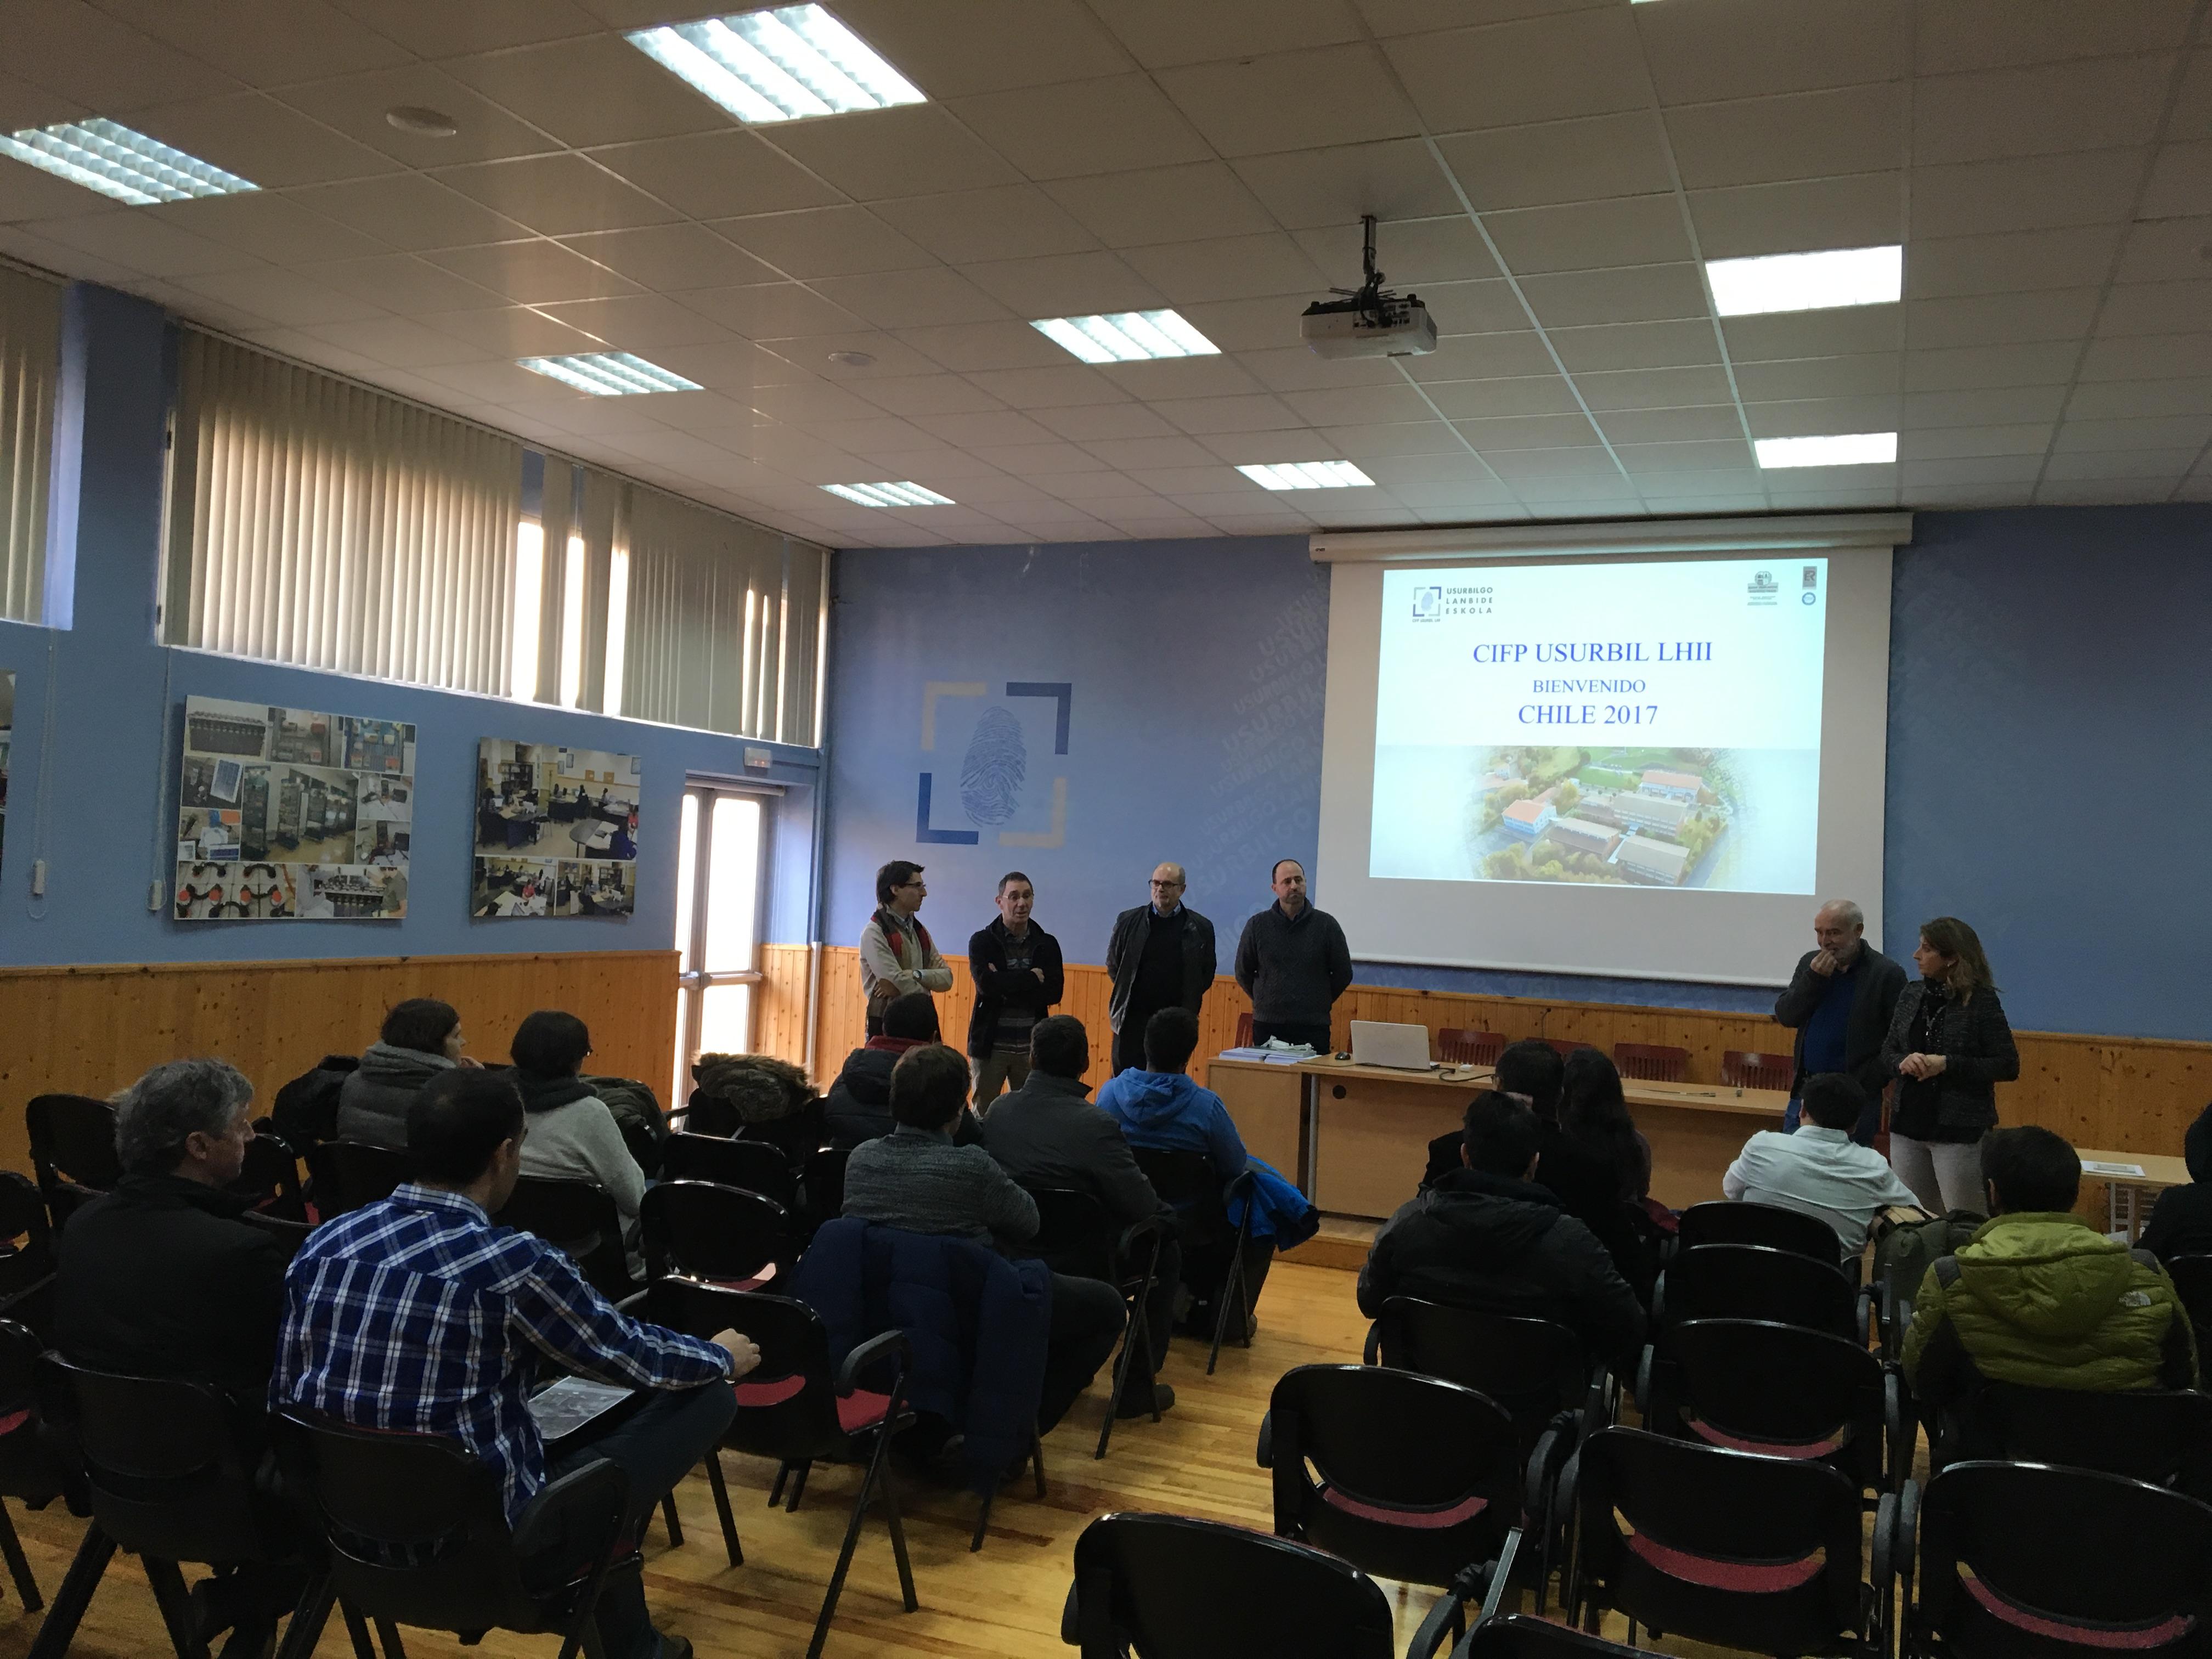 imagen 2 de noticia: continuamos-con-la-3-edicin-del-programa-tcnicos-para-chile-en-el-que-kursaal-green-imparte-dos-asignaturas